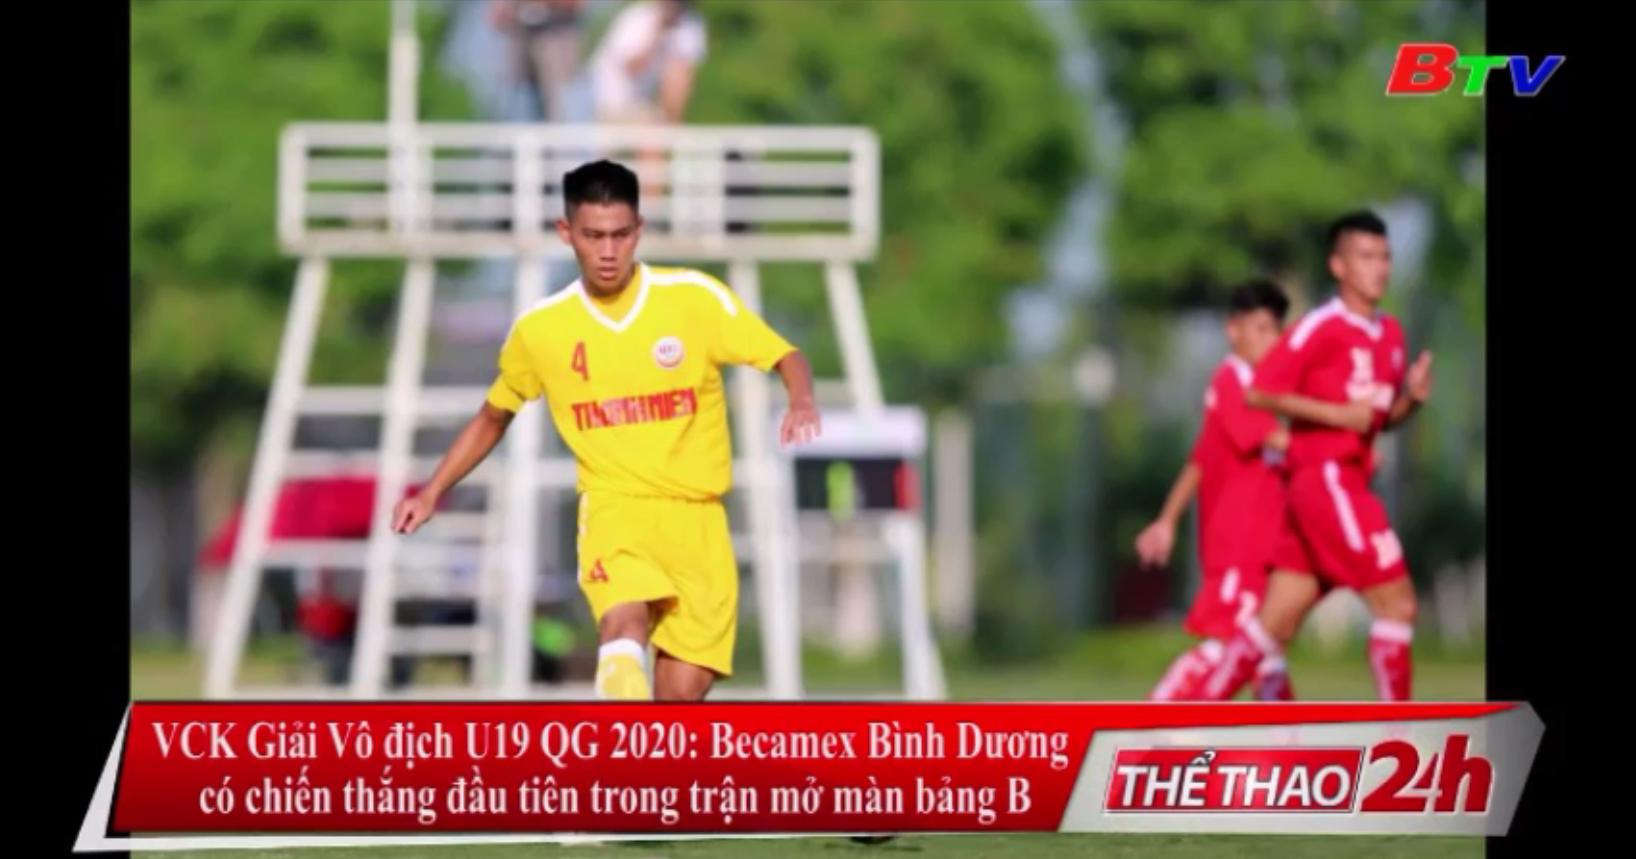 VCK Giải vô địch U19 QG 2020 - Becamex Bình Dương có chiến thắng đầu tiên trong trận mở màn bảng B